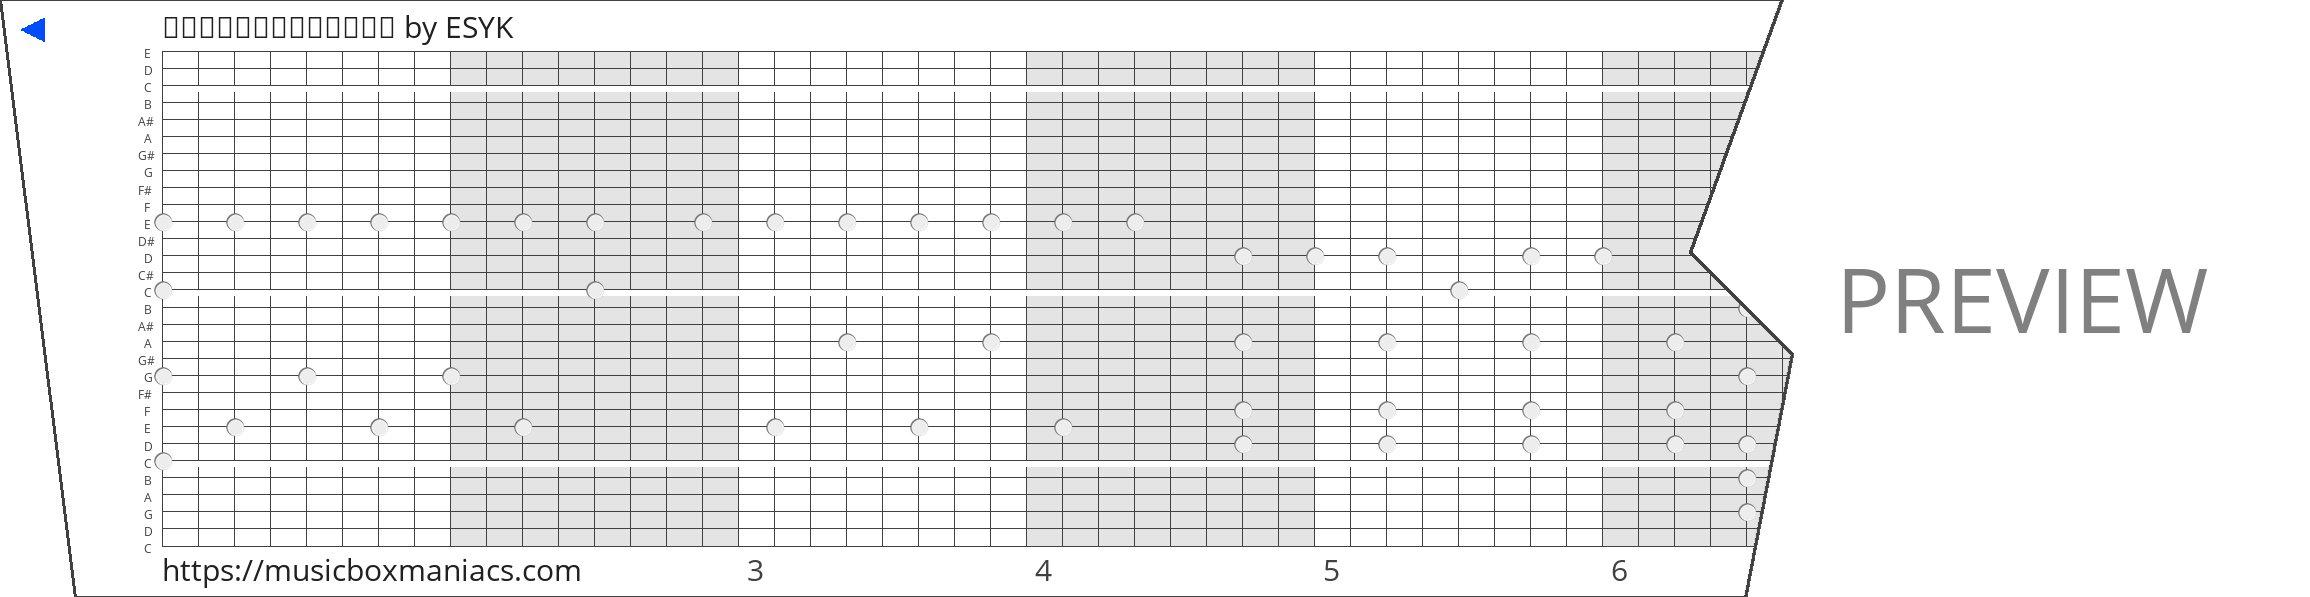 치키치키차카차카초코초코초 30 note music box paper strip